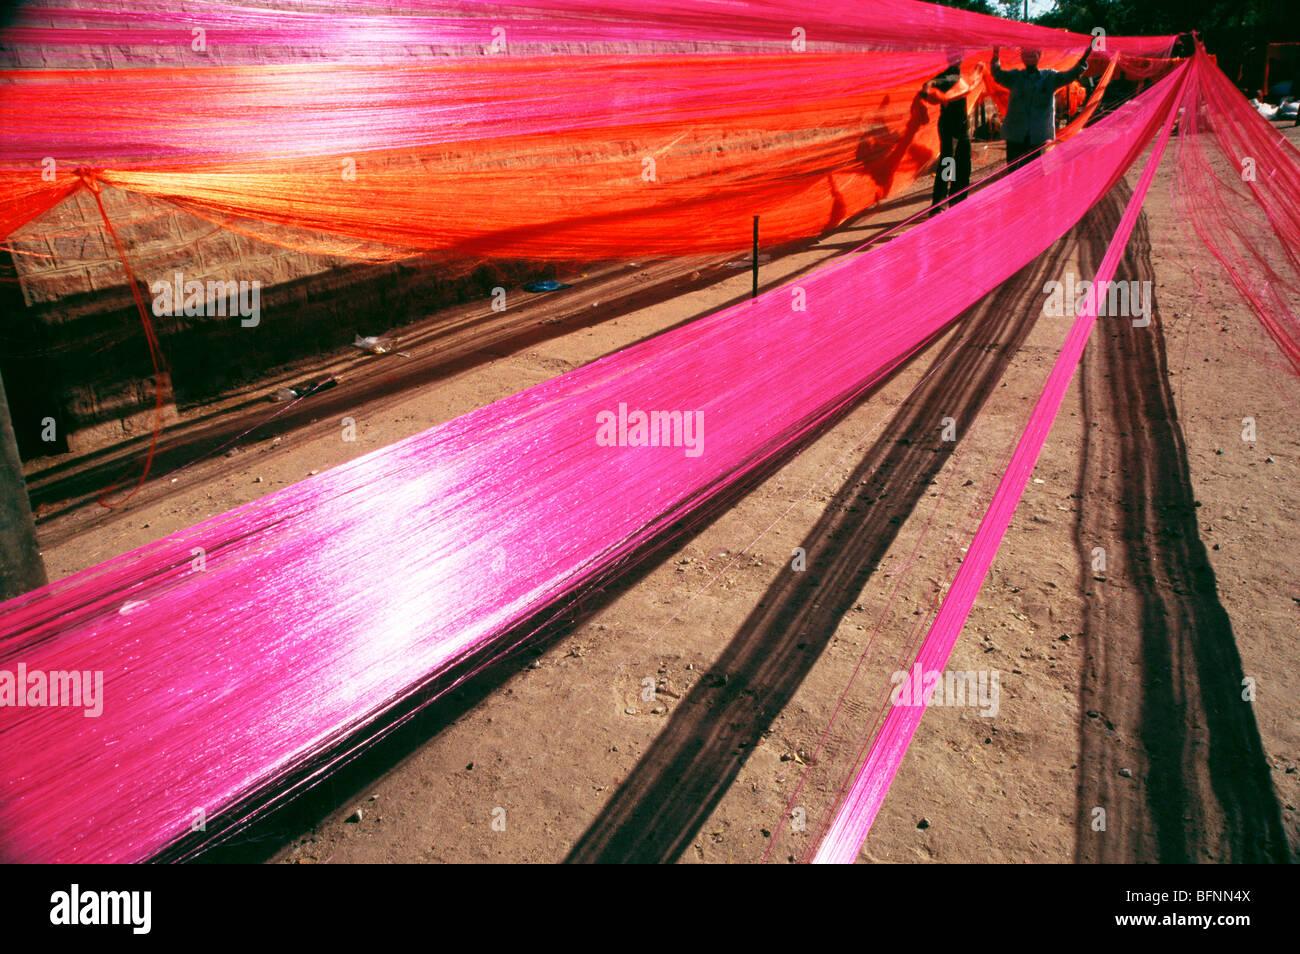 La preparazione di filo di seta tessuto garland ; jodhpur ; Rajasthan ; India Immagini Stock